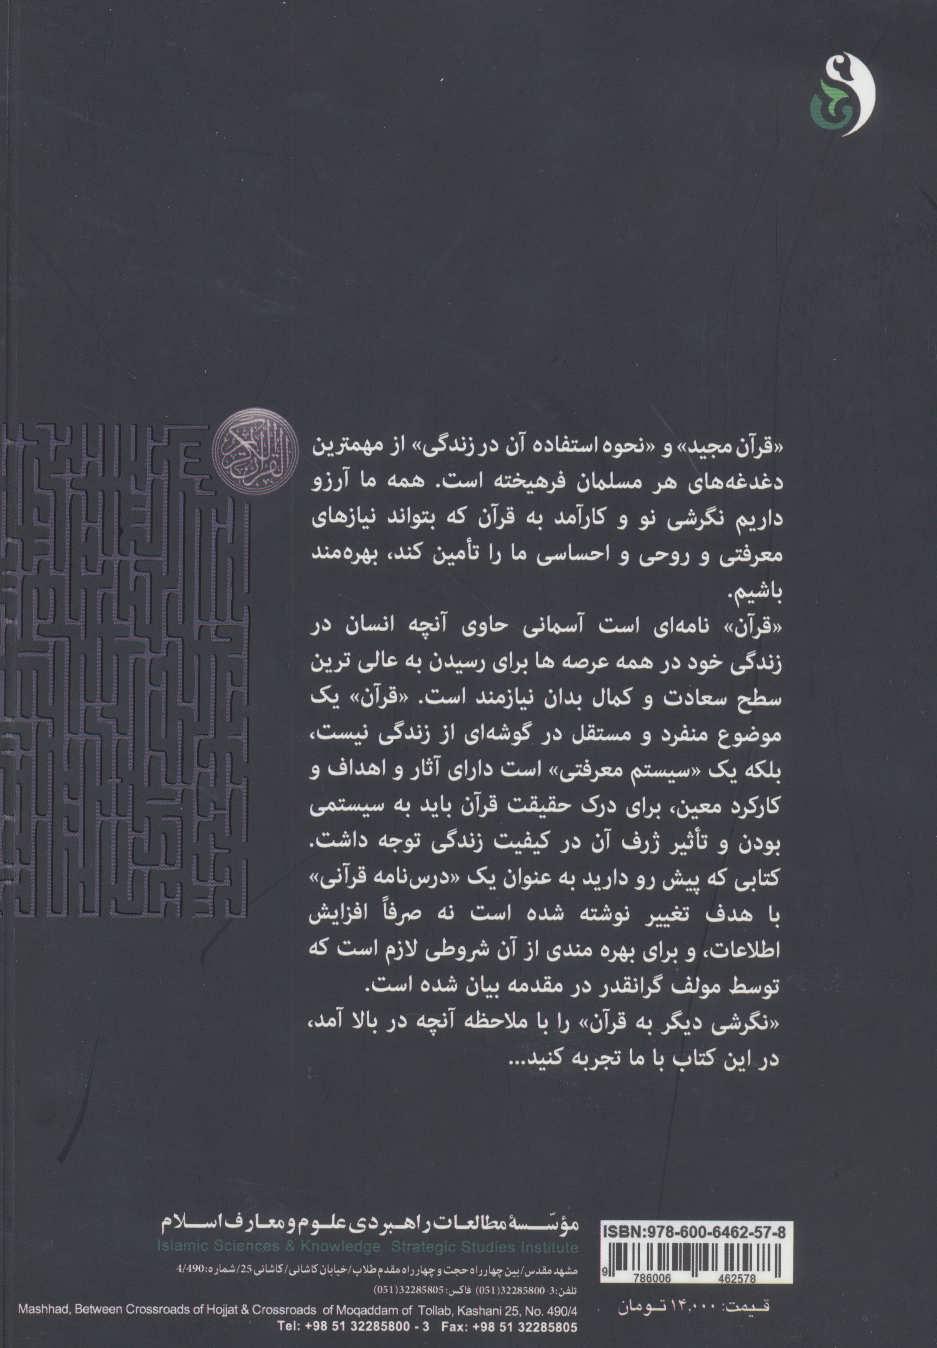 نگرشی دیگر به قرآن